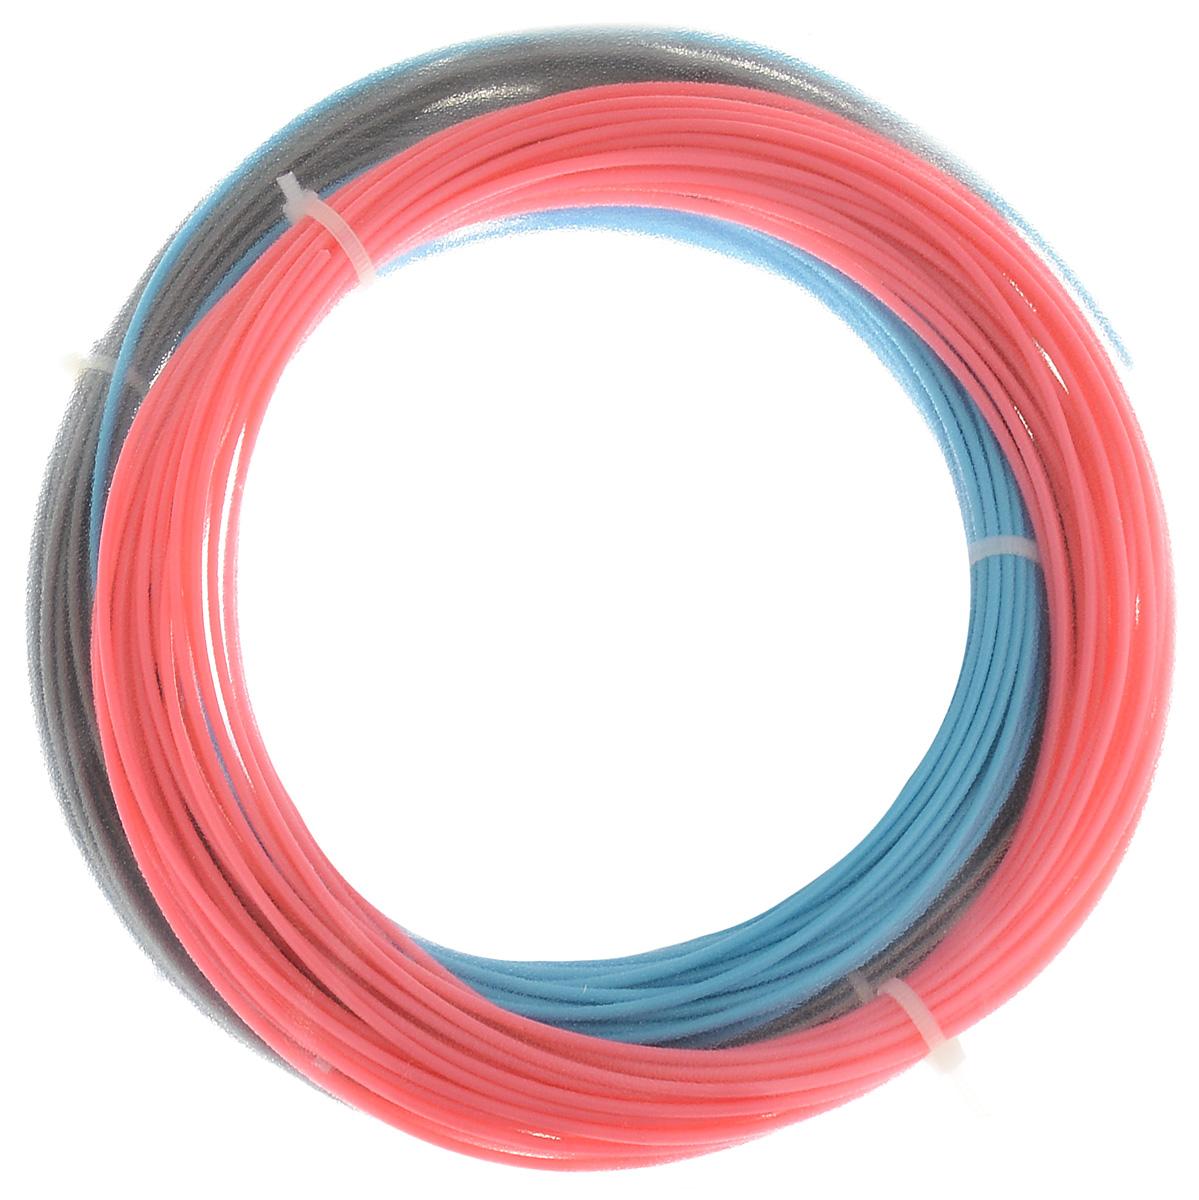 ESUN 3D Filament, Blue Pink Silver комплект ABS-пластика (10 м)УТ000006538ESUN 3D Filament - комплект ABS-пластика для 3D печати, состоящий из трех цветов. Толщина пластика составляет 1,75 мм. Длина каждого мотка - 10 метров.